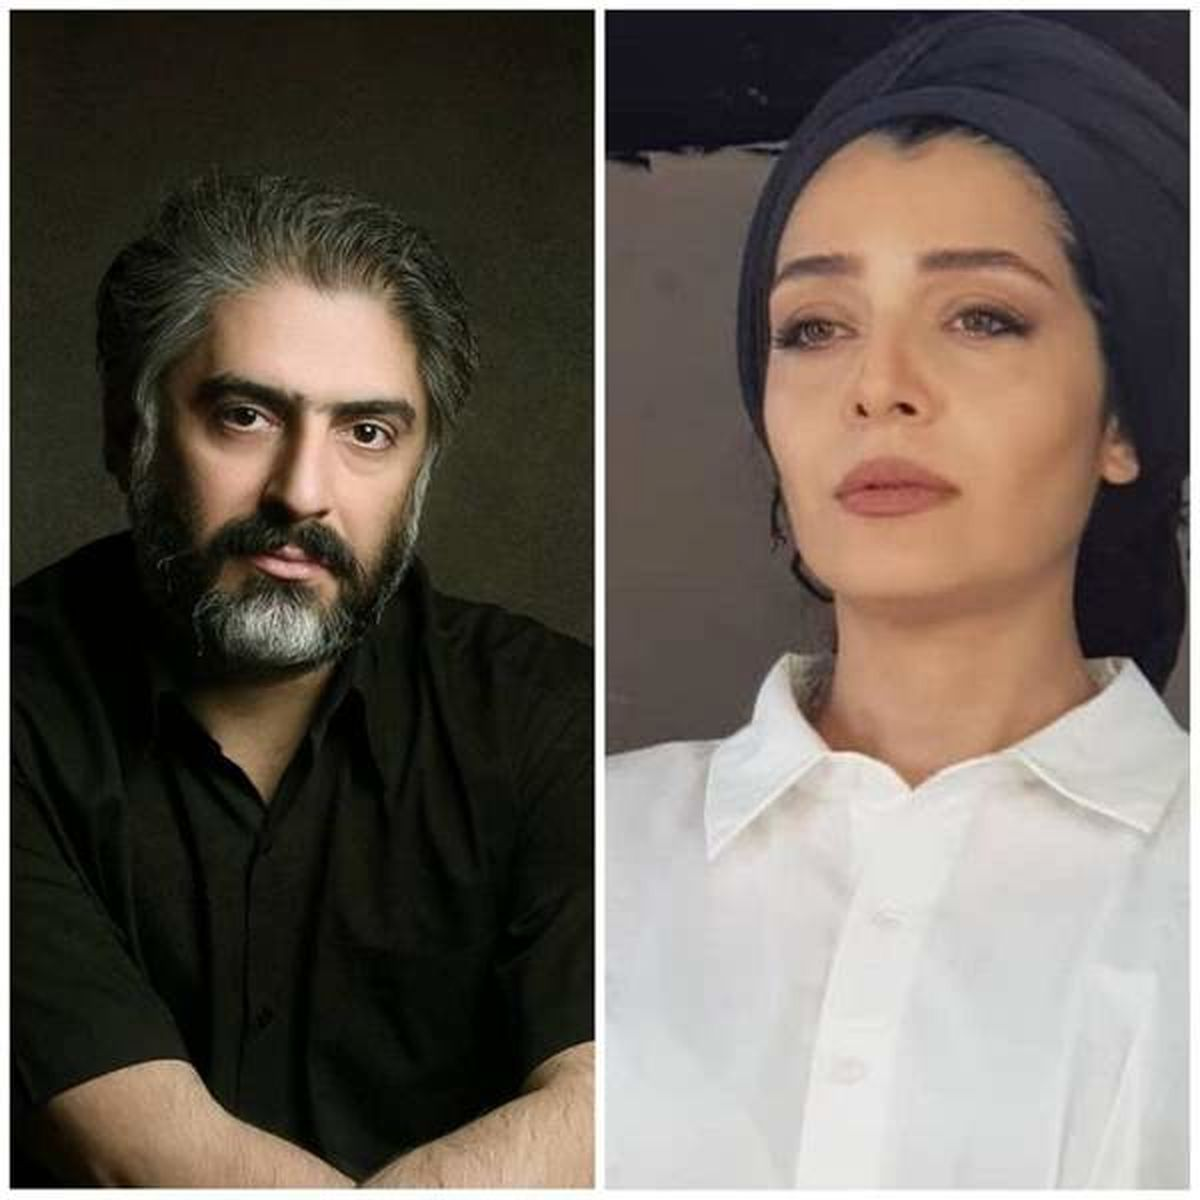 علت بازداشت شوهر ساره بیات فاش شد +تصاویر جنجالی